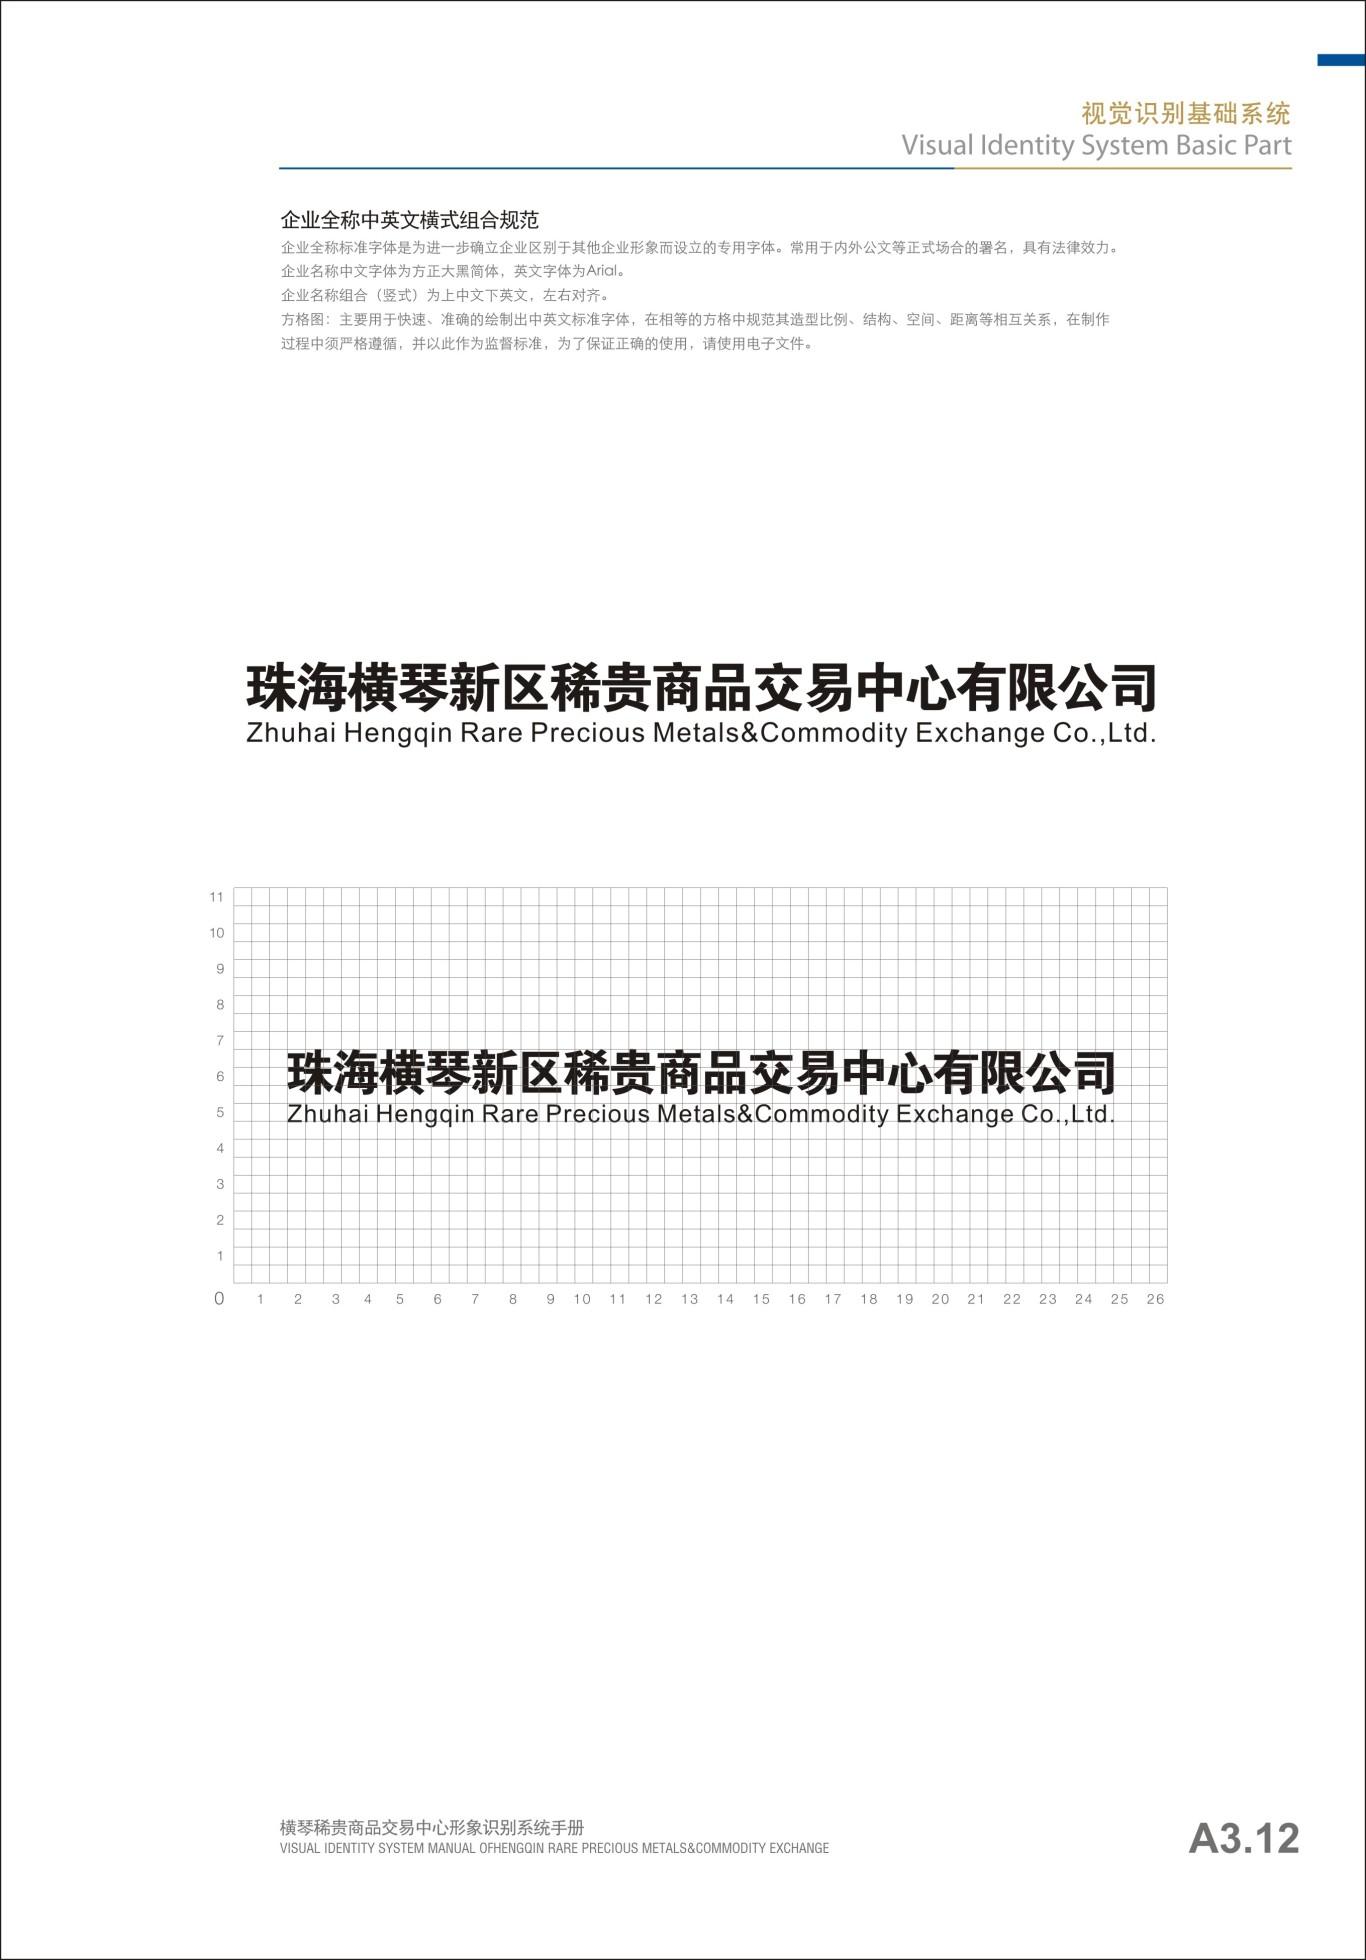 贵金属行业横琴稀贵VI手册设计图6